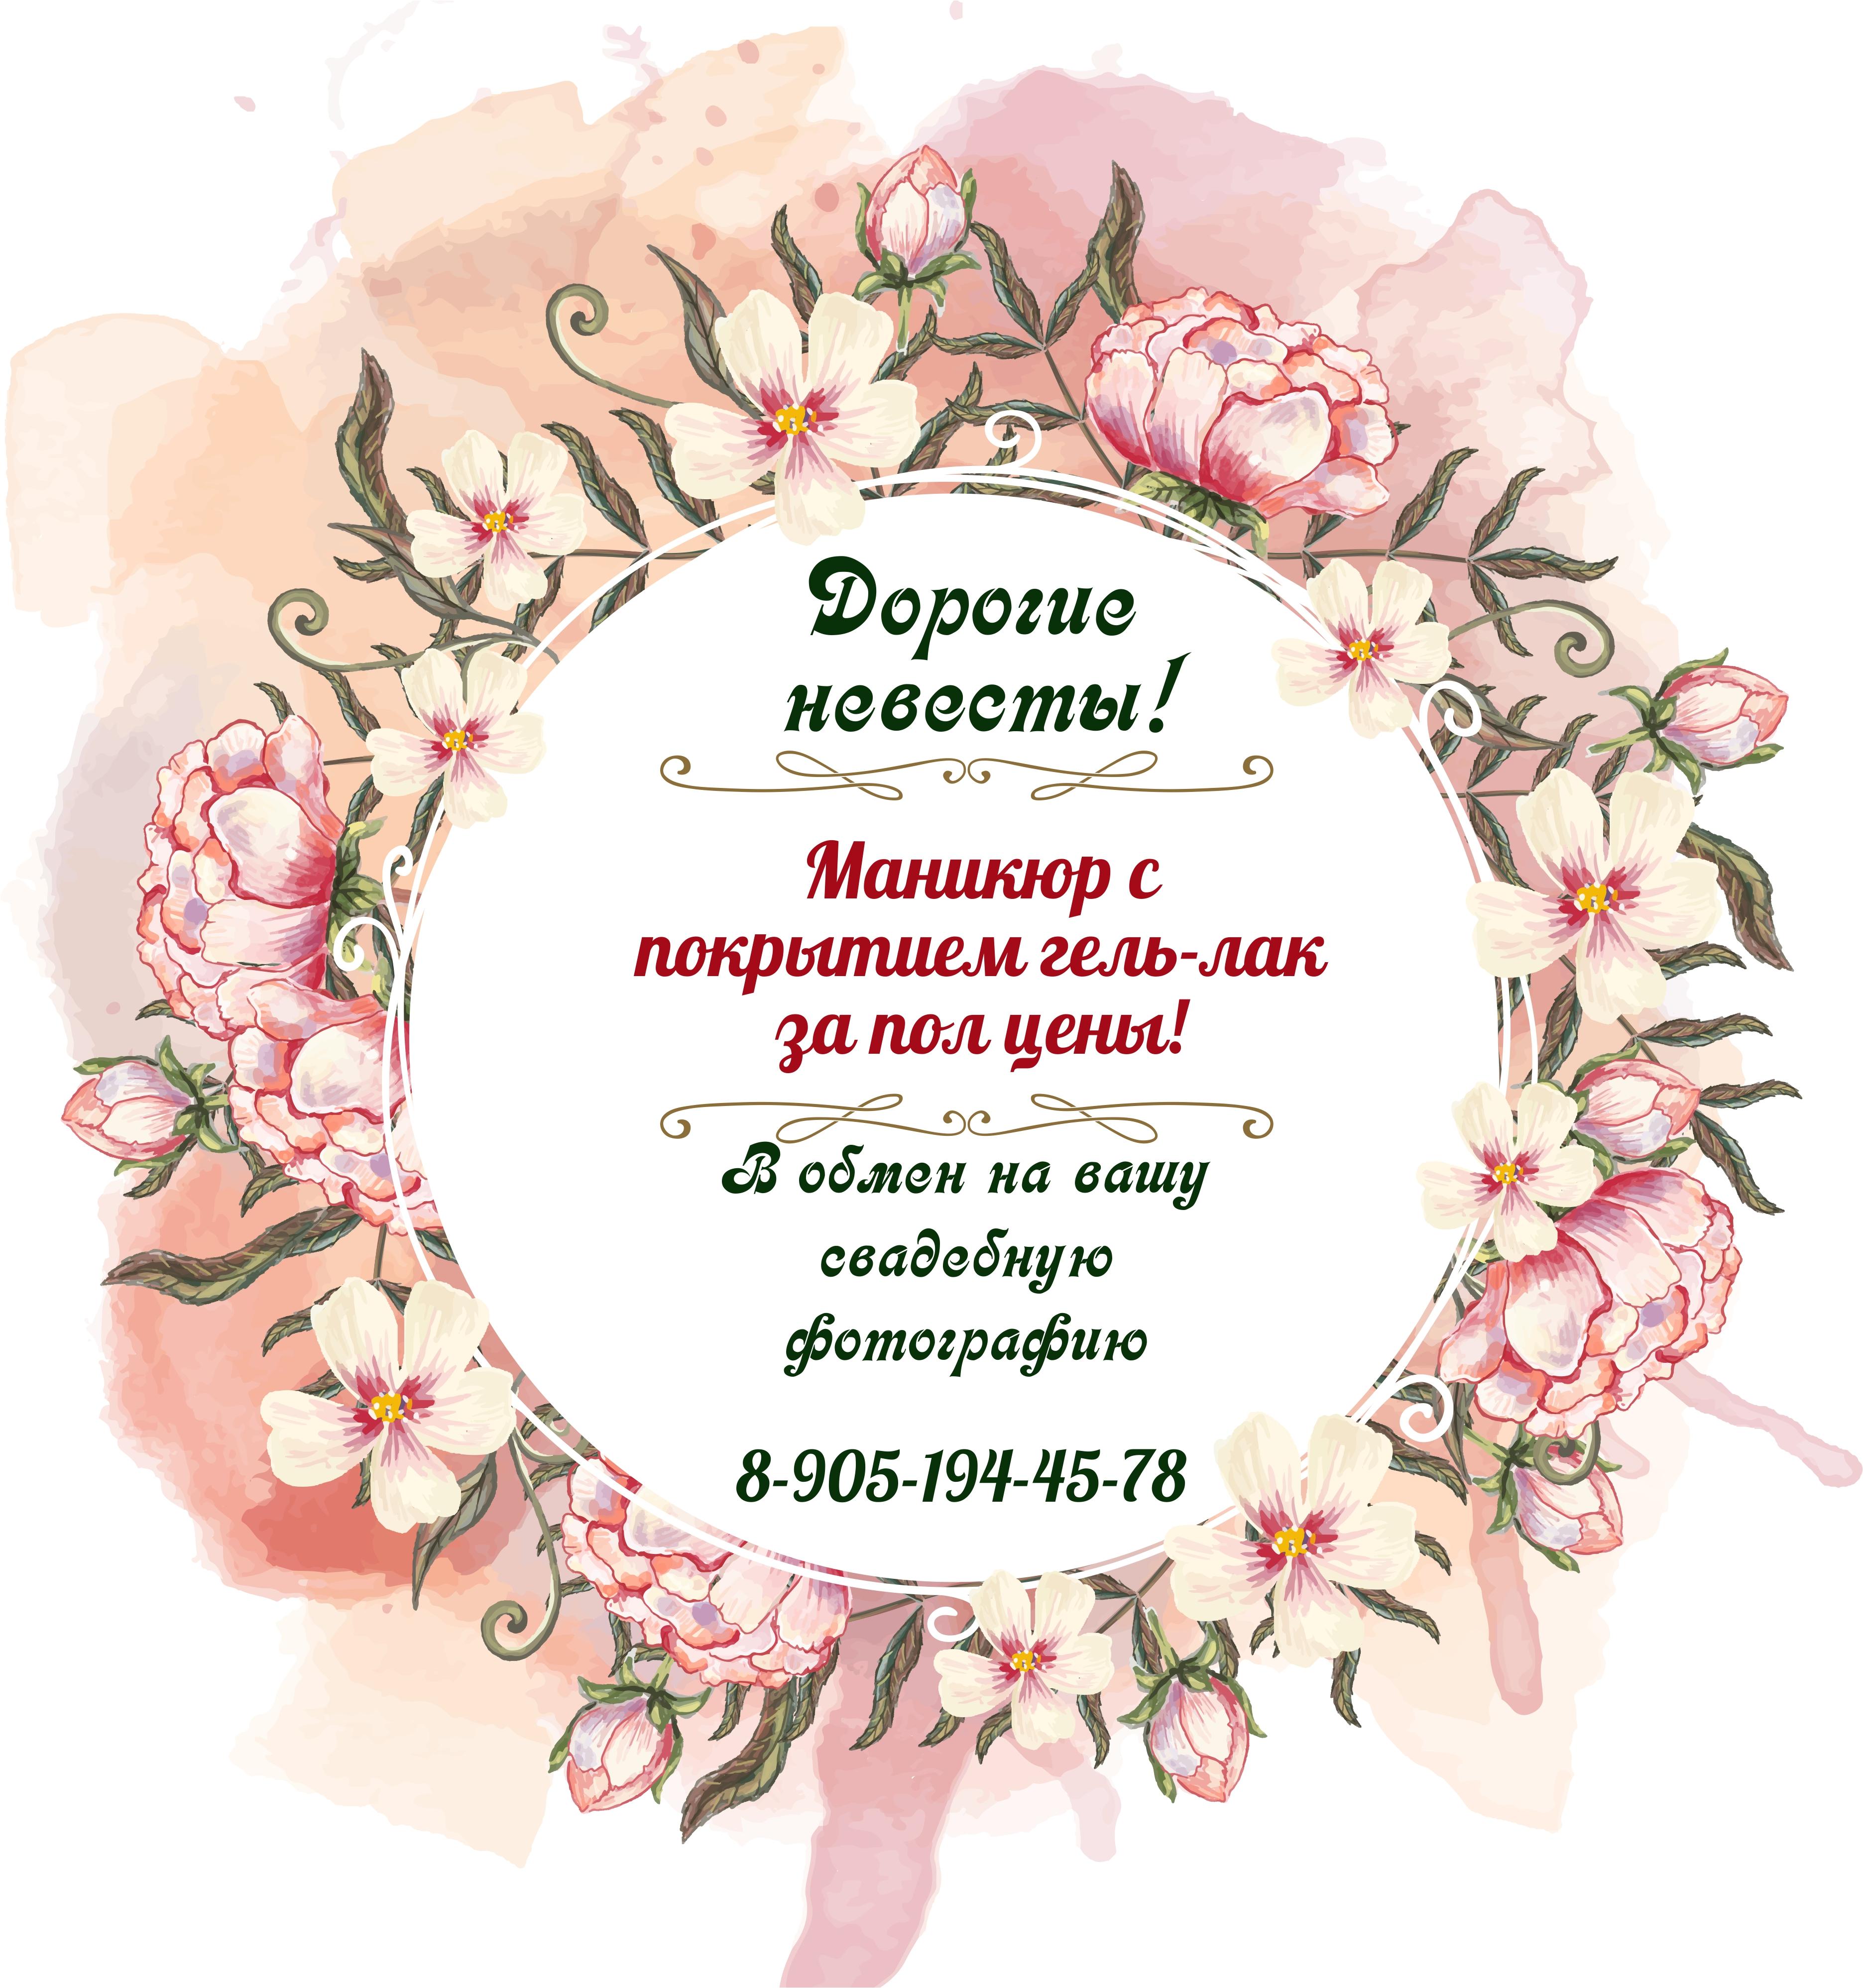 Акция для невест